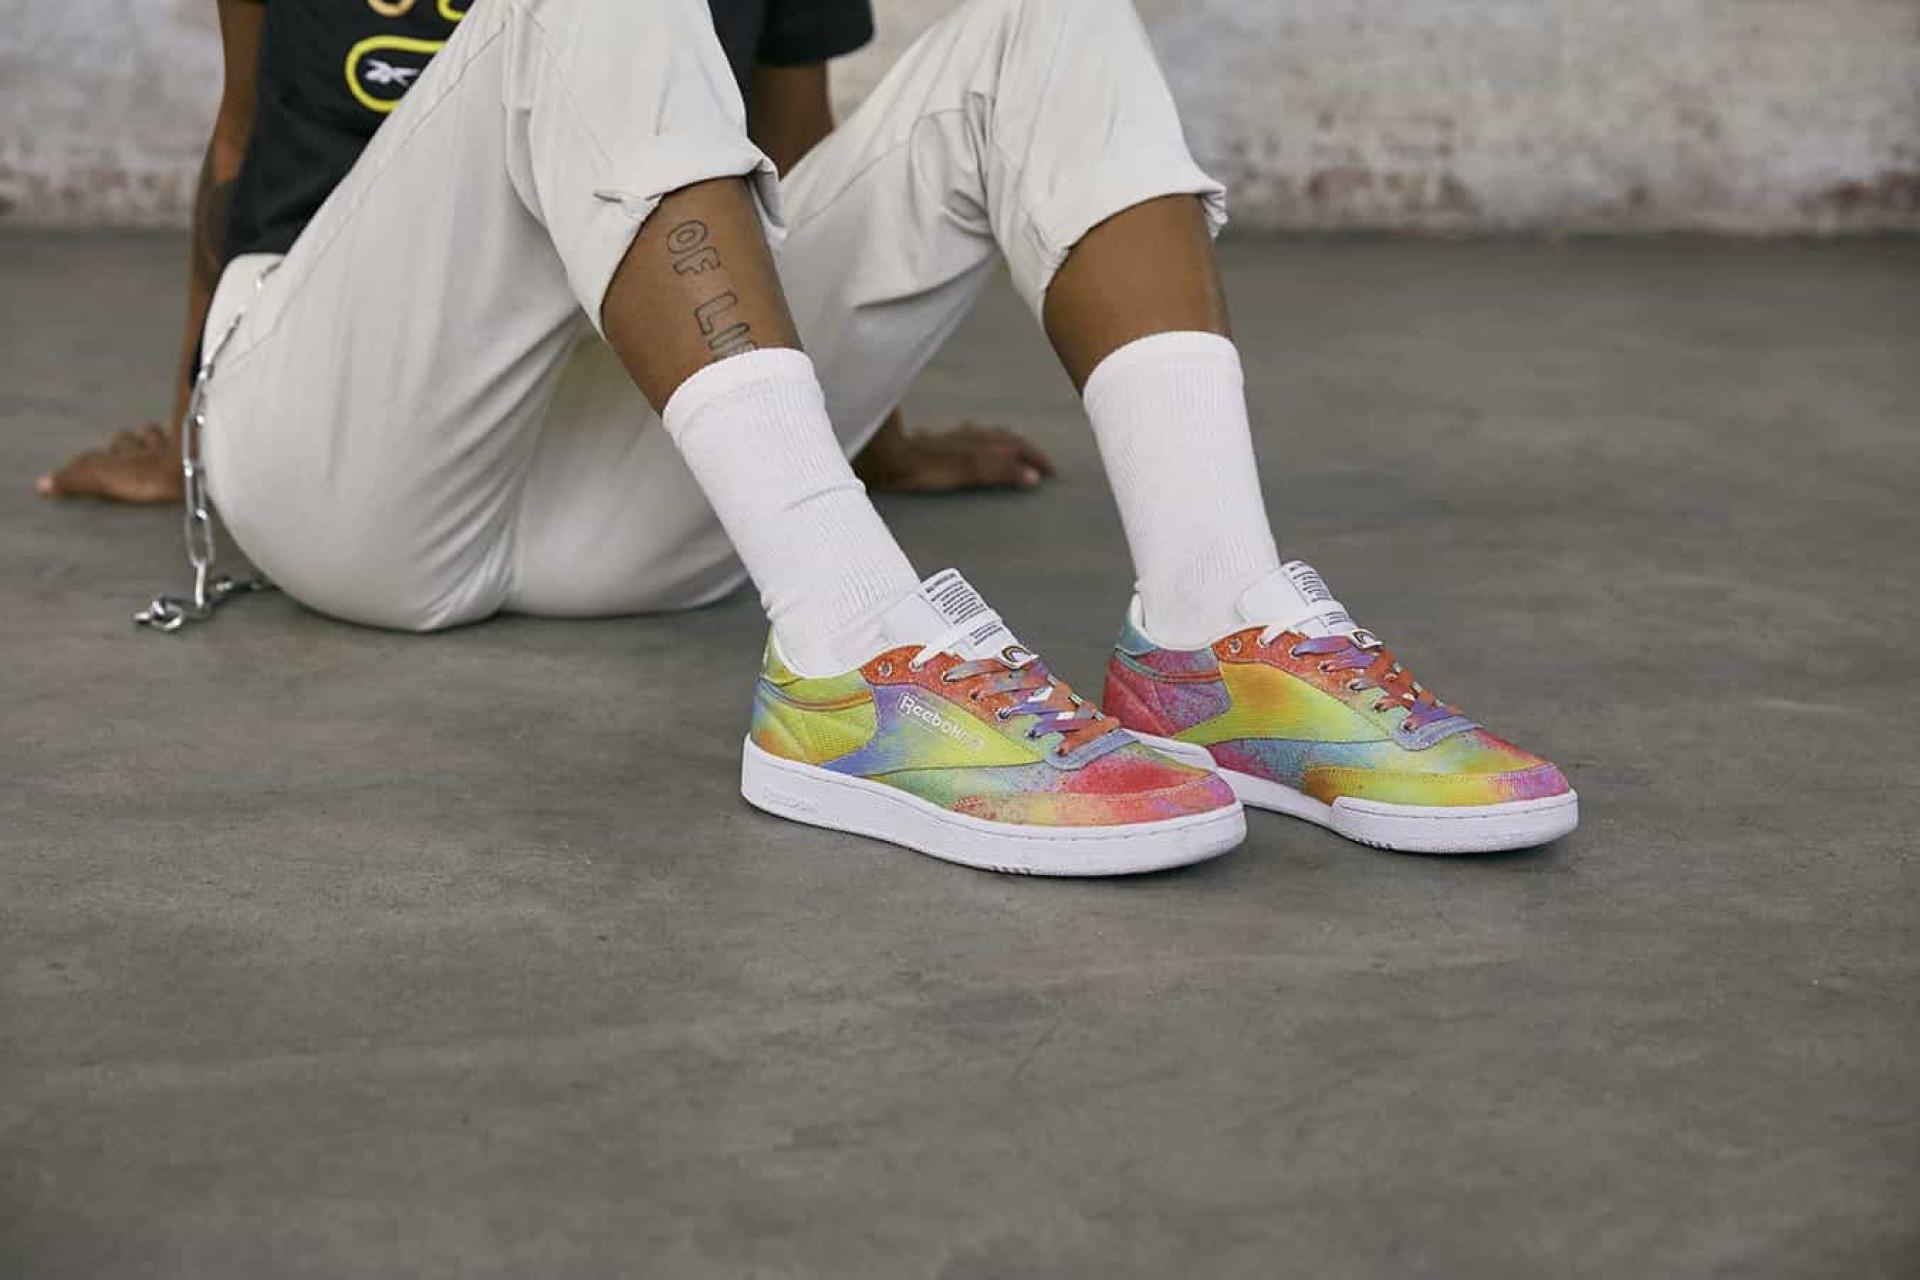 Reebok celebra o Orgulho LGBTQ+ com nova coleção